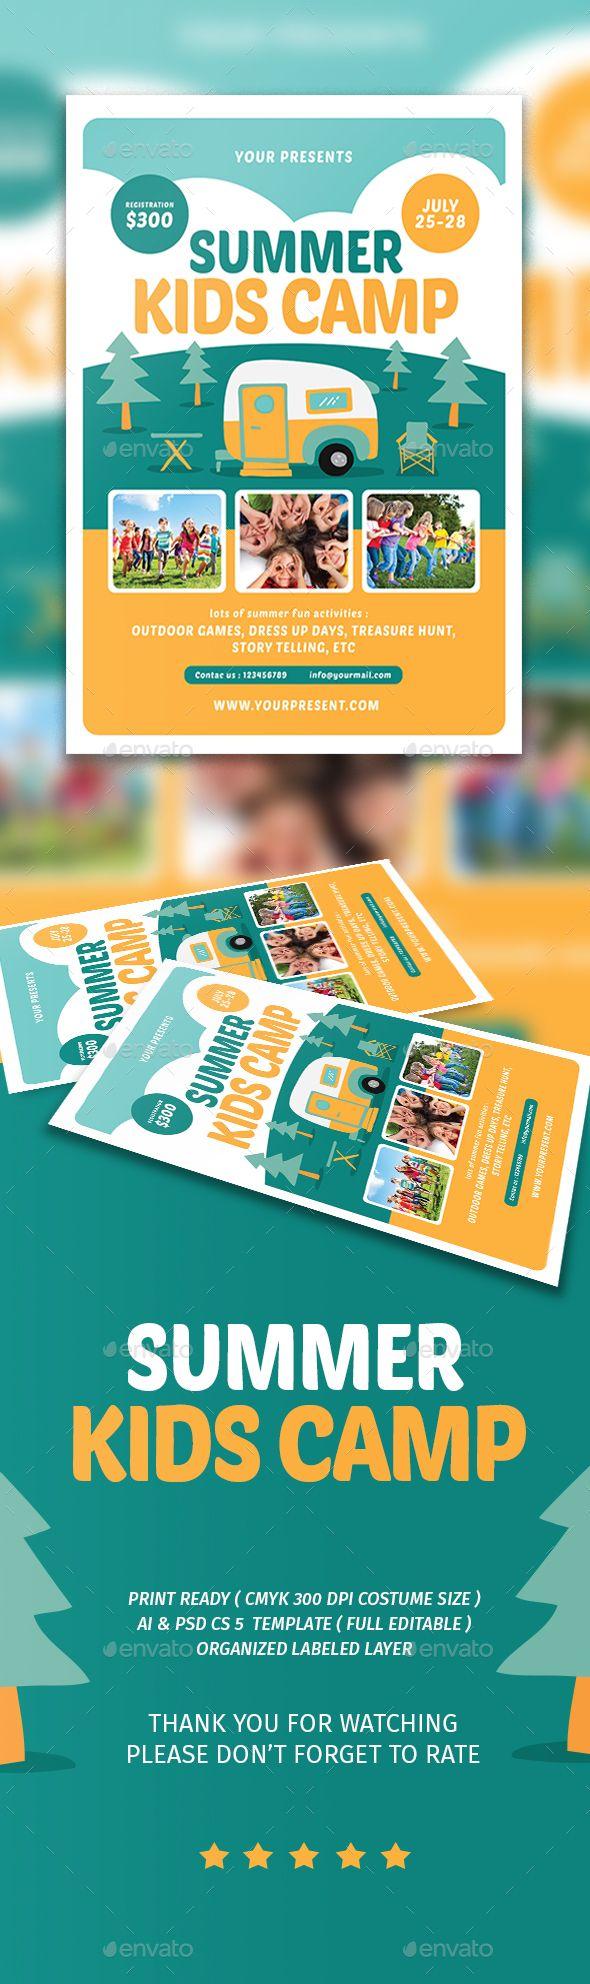 Summer Kids Camp – Camp Flyer Template